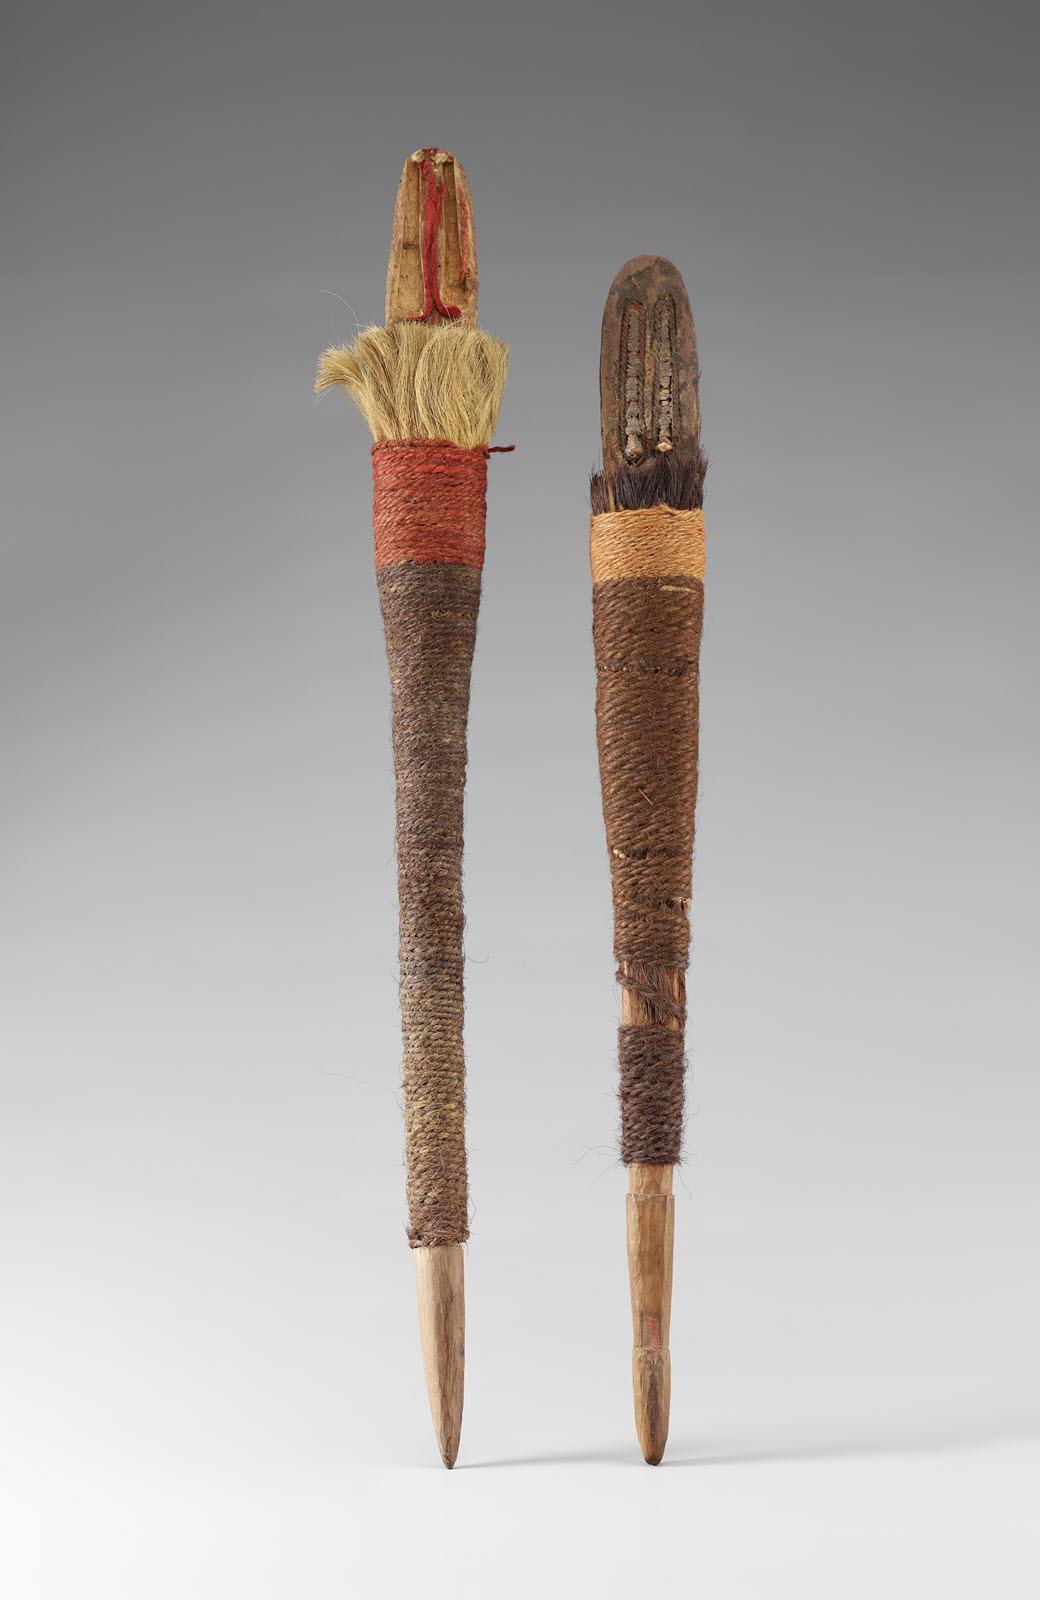 사람 모양의 나무장신구. 기원전 17~15세기 유적인 로프노르에서 출토됐다. 나무와 털실, 깃털 등으로 만들었다.|국립중앙박물관 제공